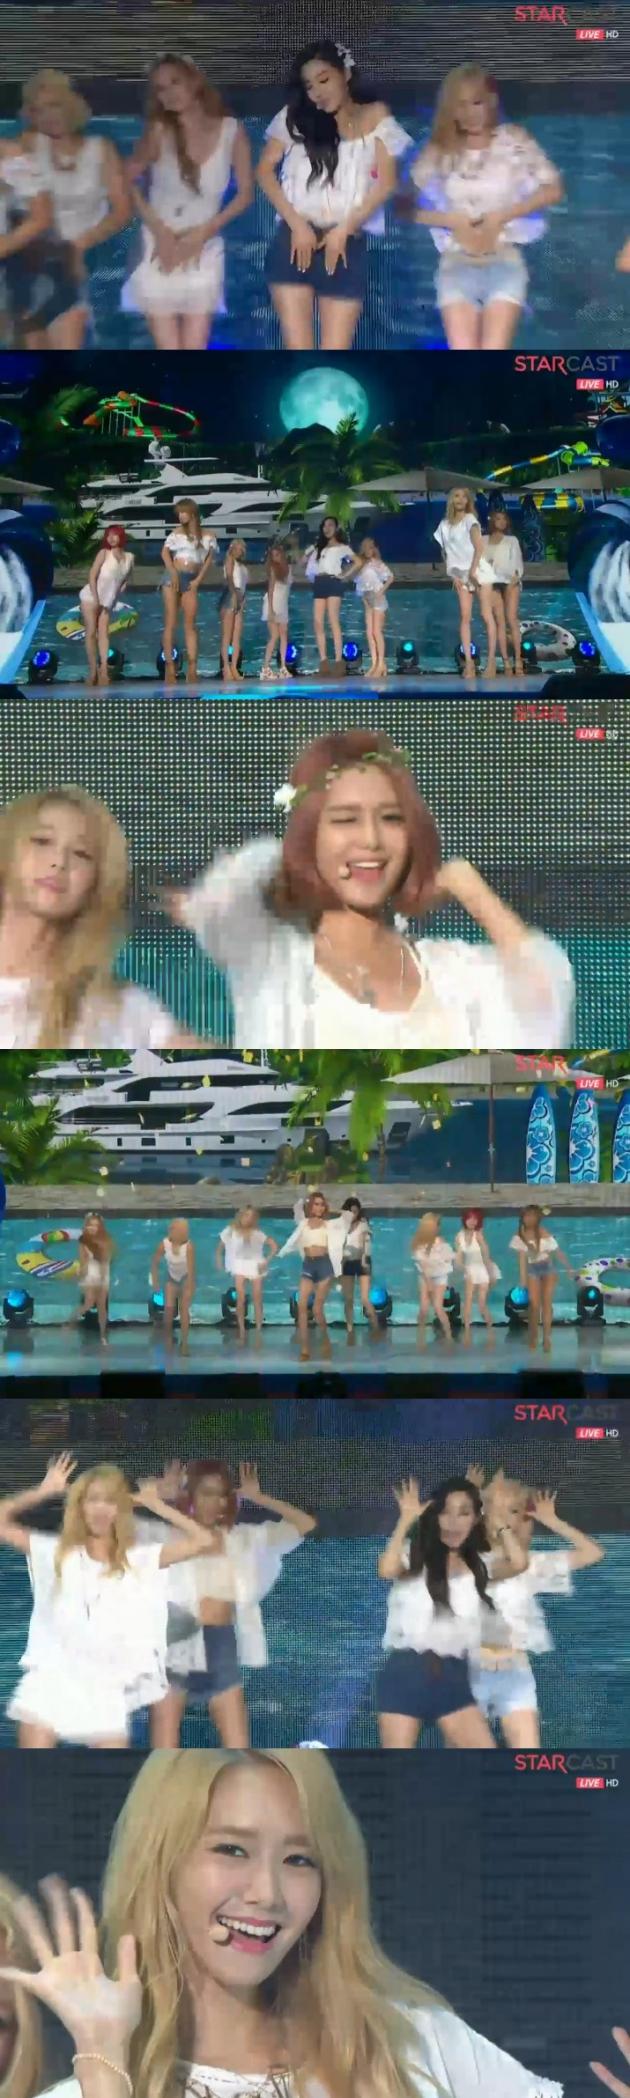 소녀시대 파티 / 소녀시대 파티 사진=네이버캐스트 방송 캡처